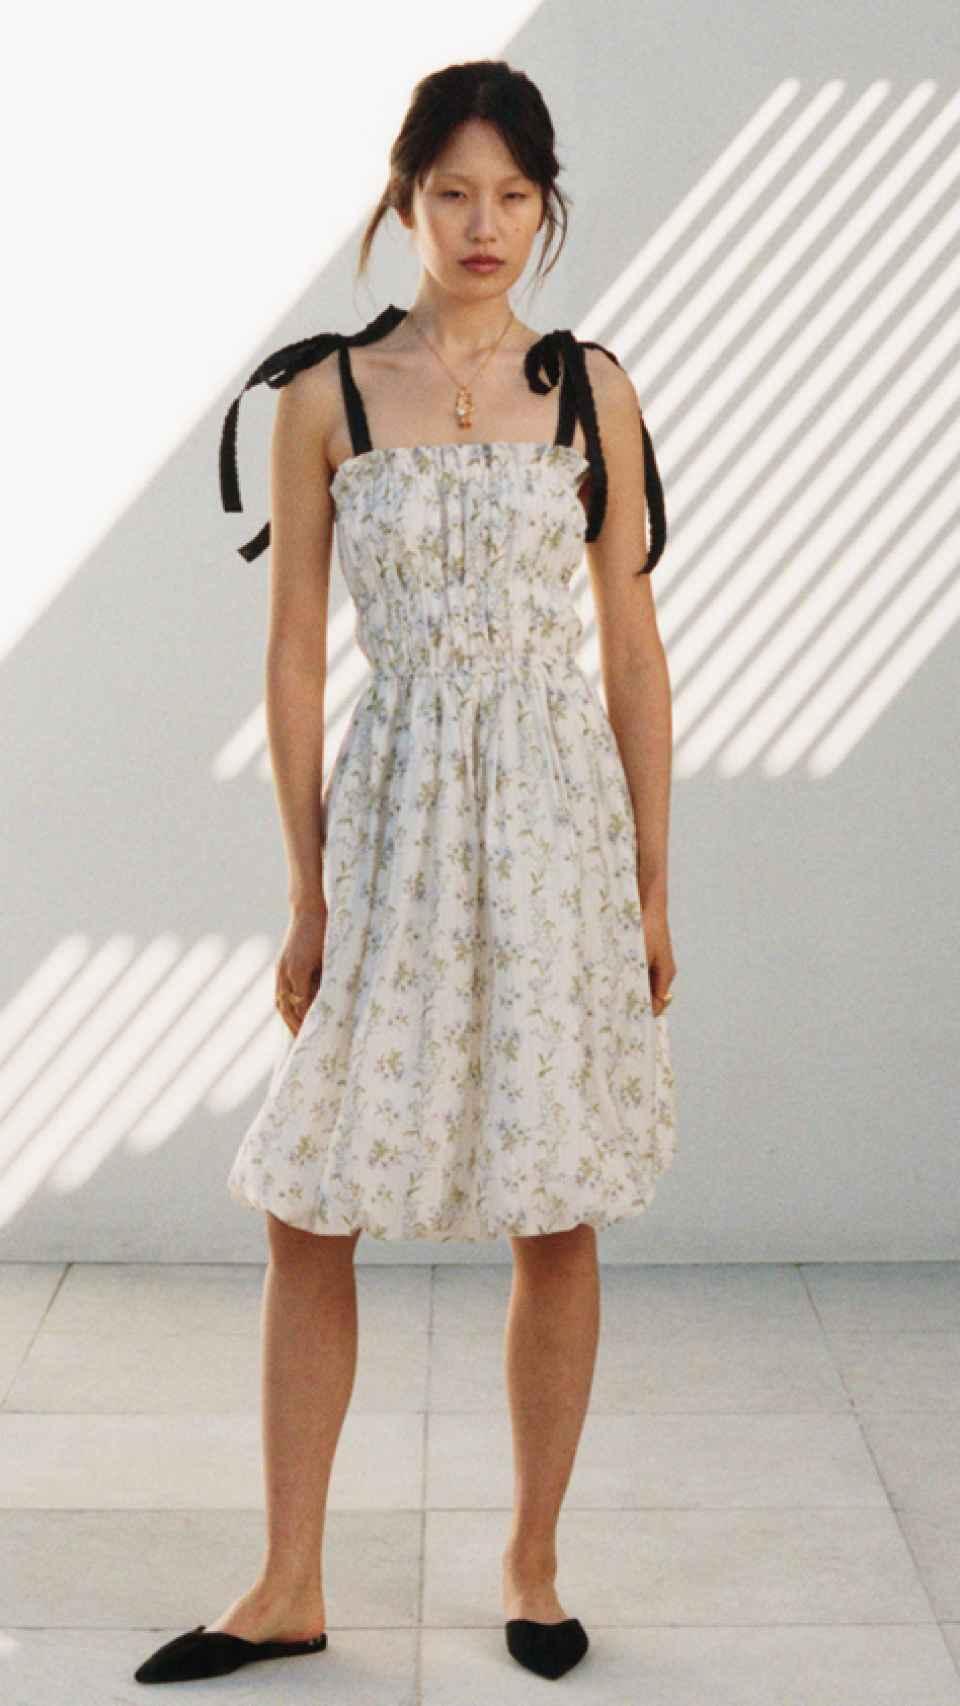 Uno de los vestidos de la colección, con fruncido en la parte superior y tirantes en forma de lazos.